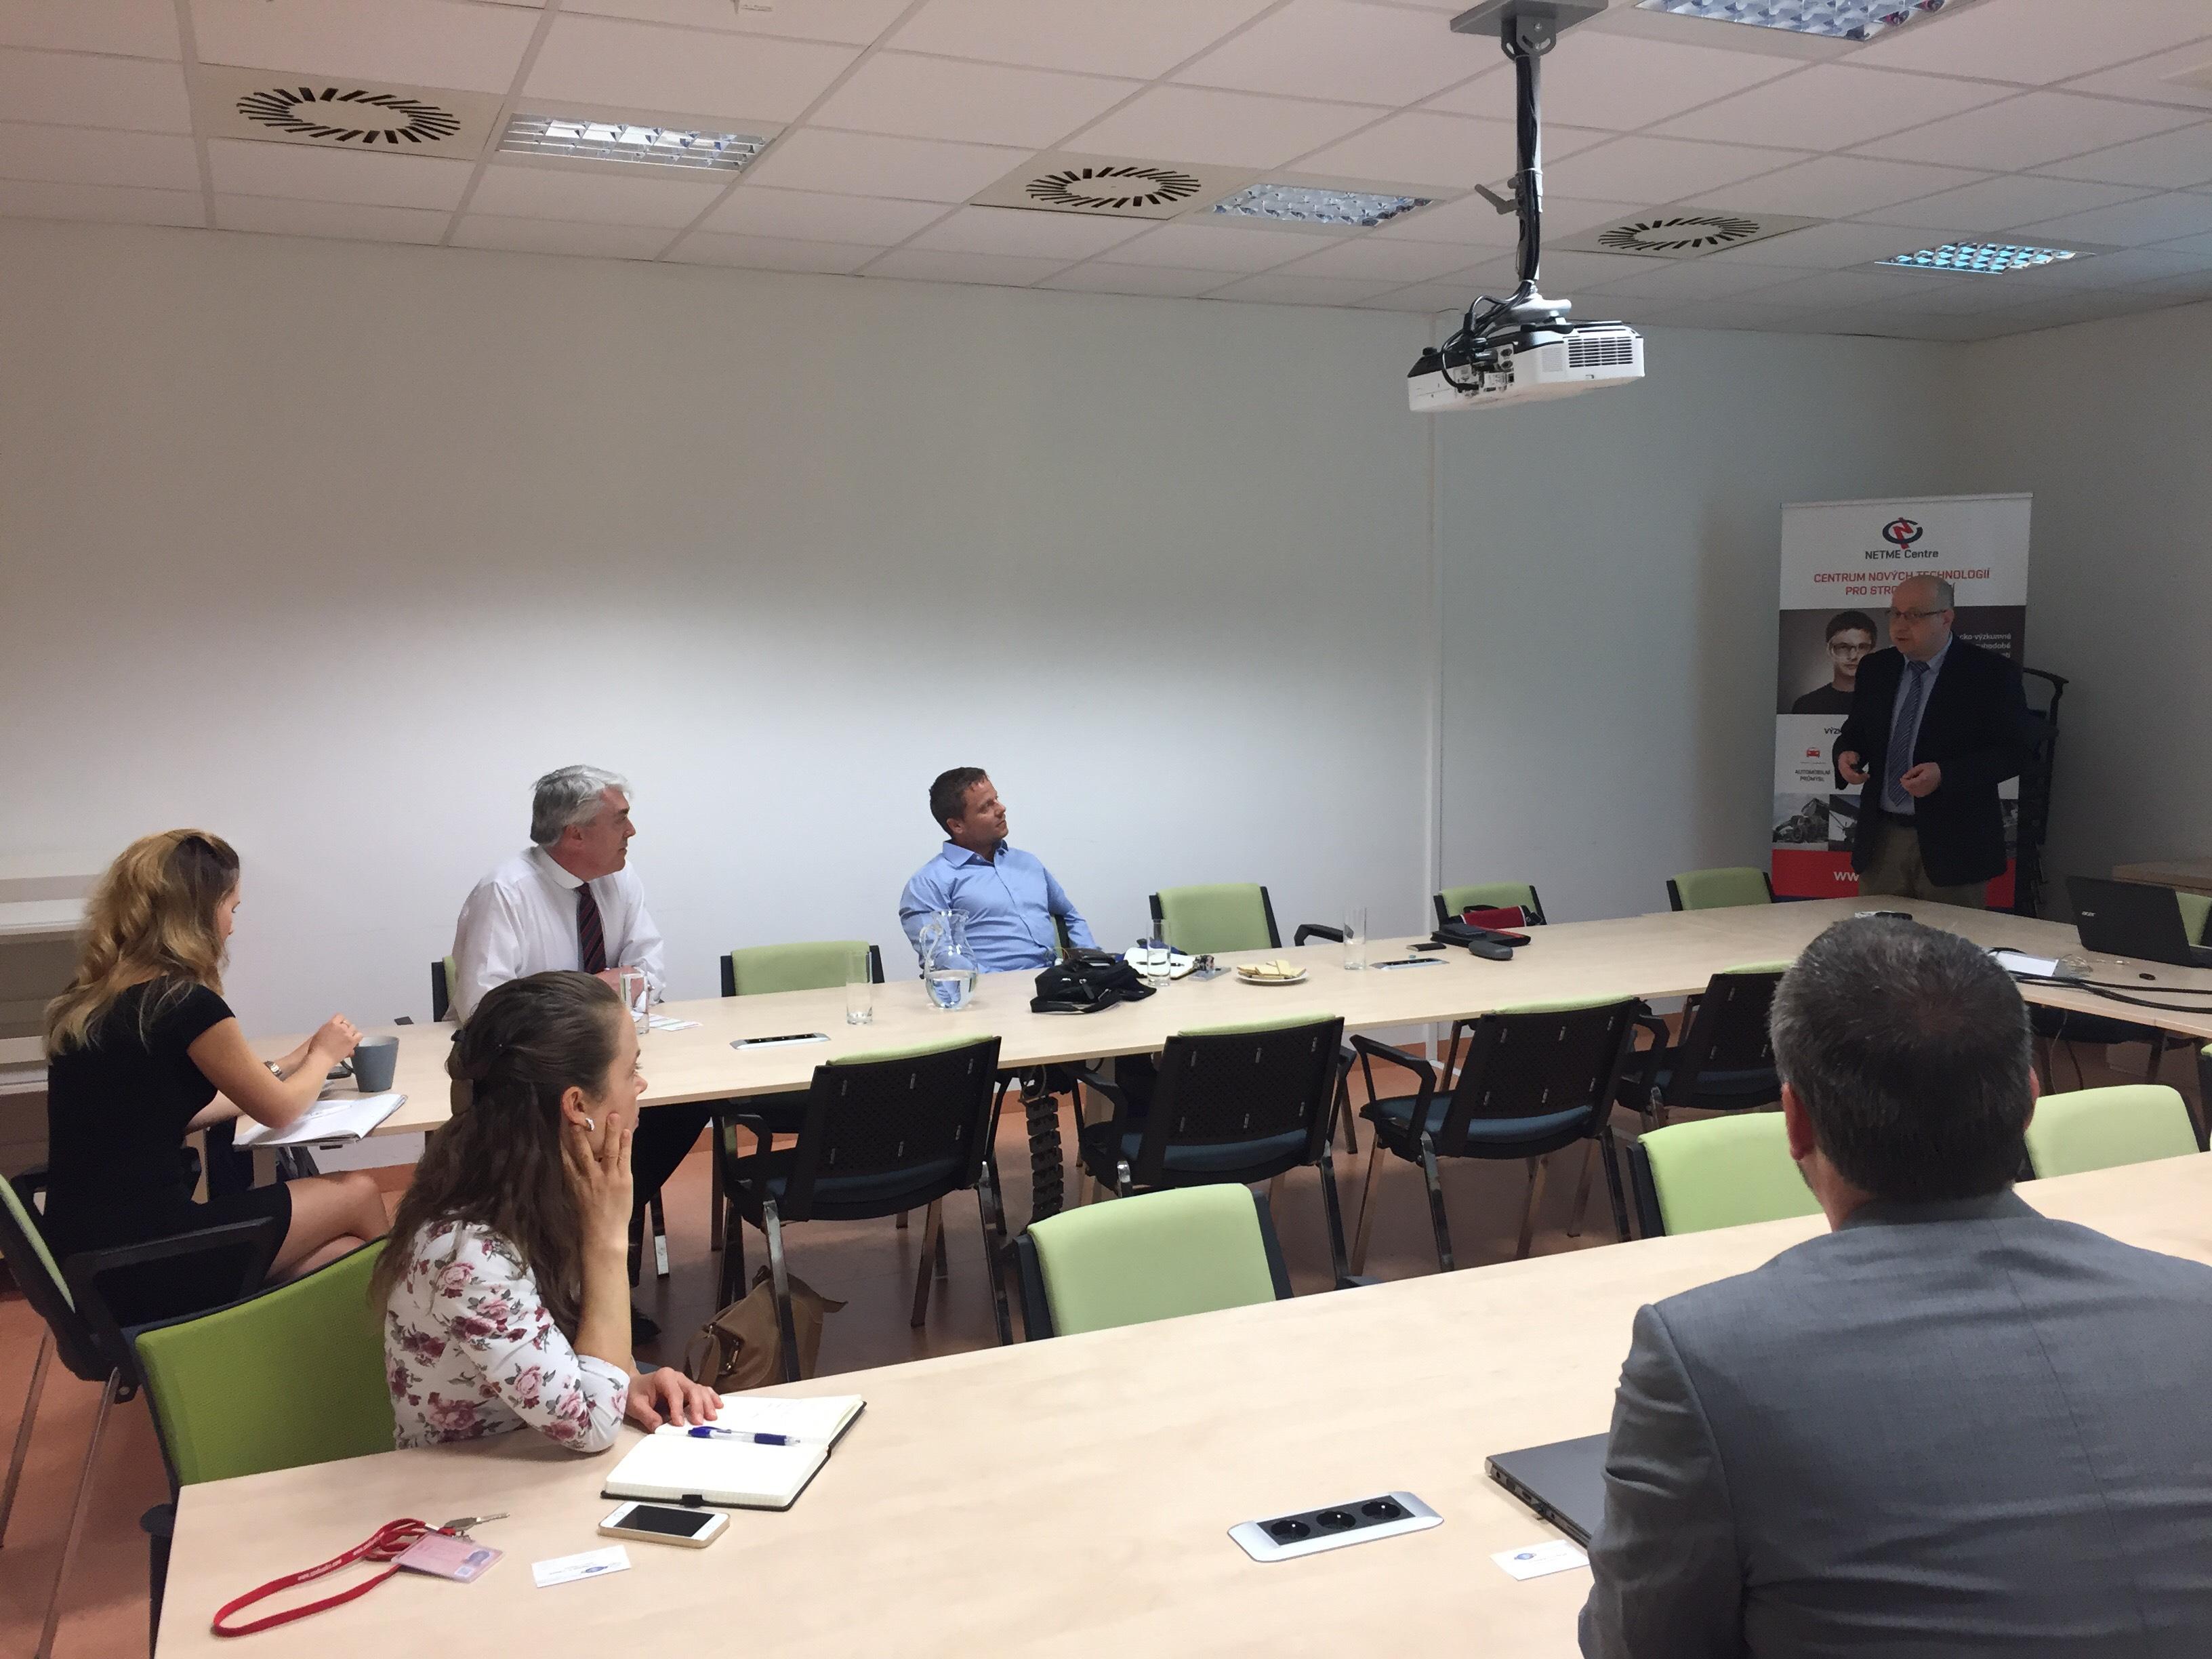 Setkání ředitele ONR Global s výzkumníky z FSI